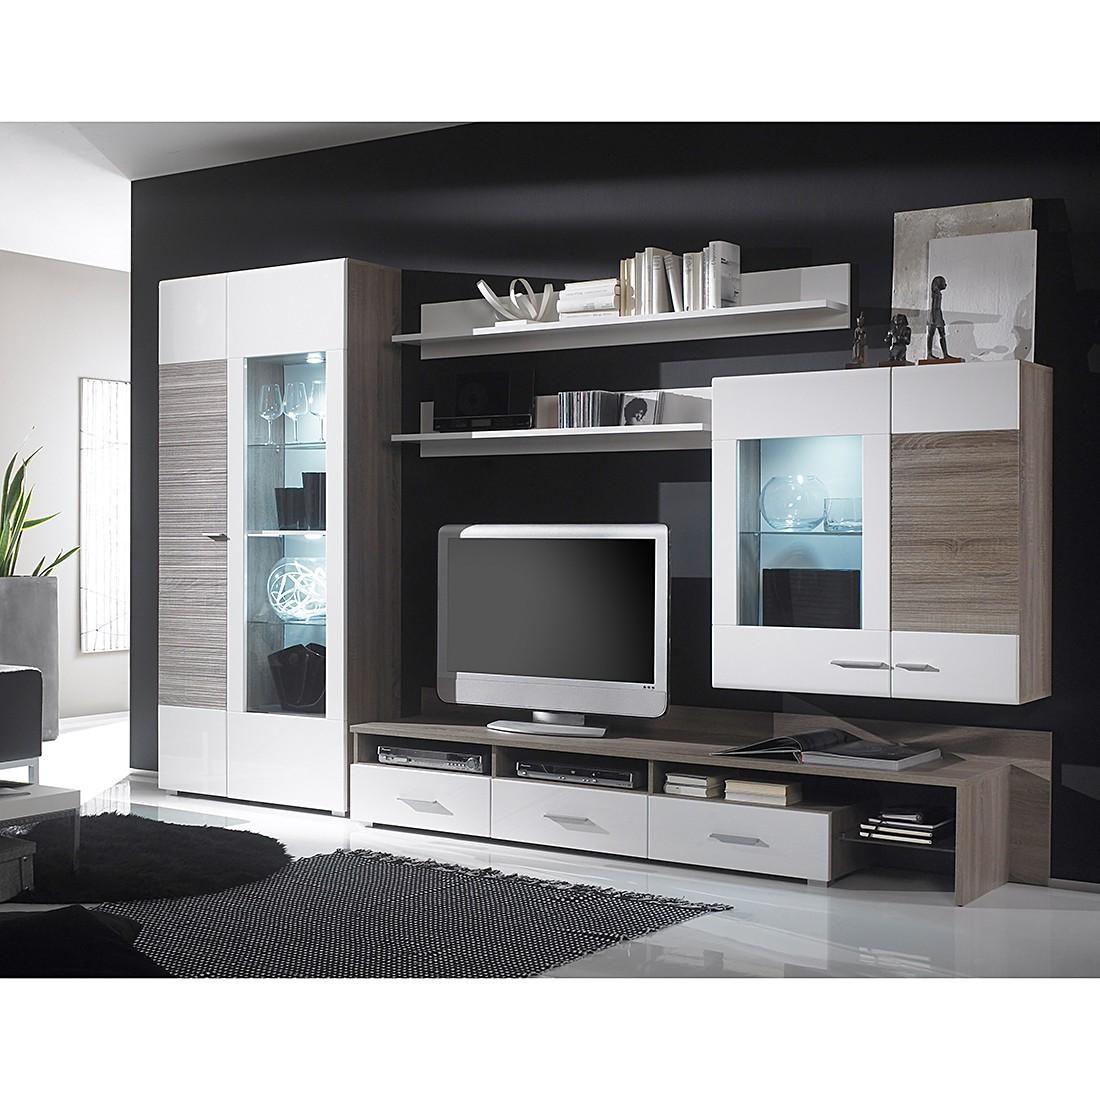 Design wohnwand straight neuesten design for Design wohnwand